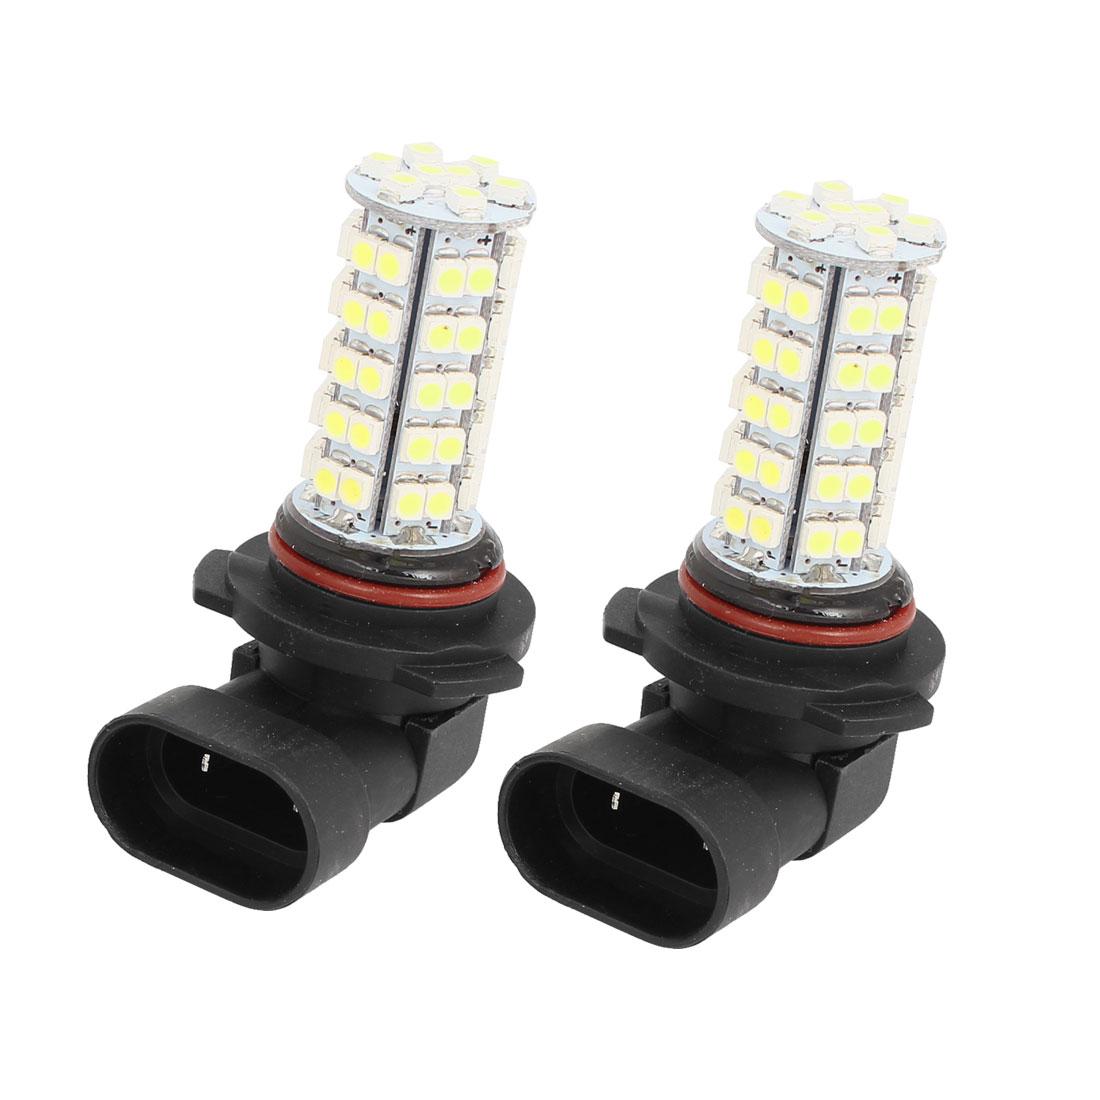 Car 9006 3528 68 SMD LED White Head Light Daytime Bulb Lamp 12V 2 Pcs